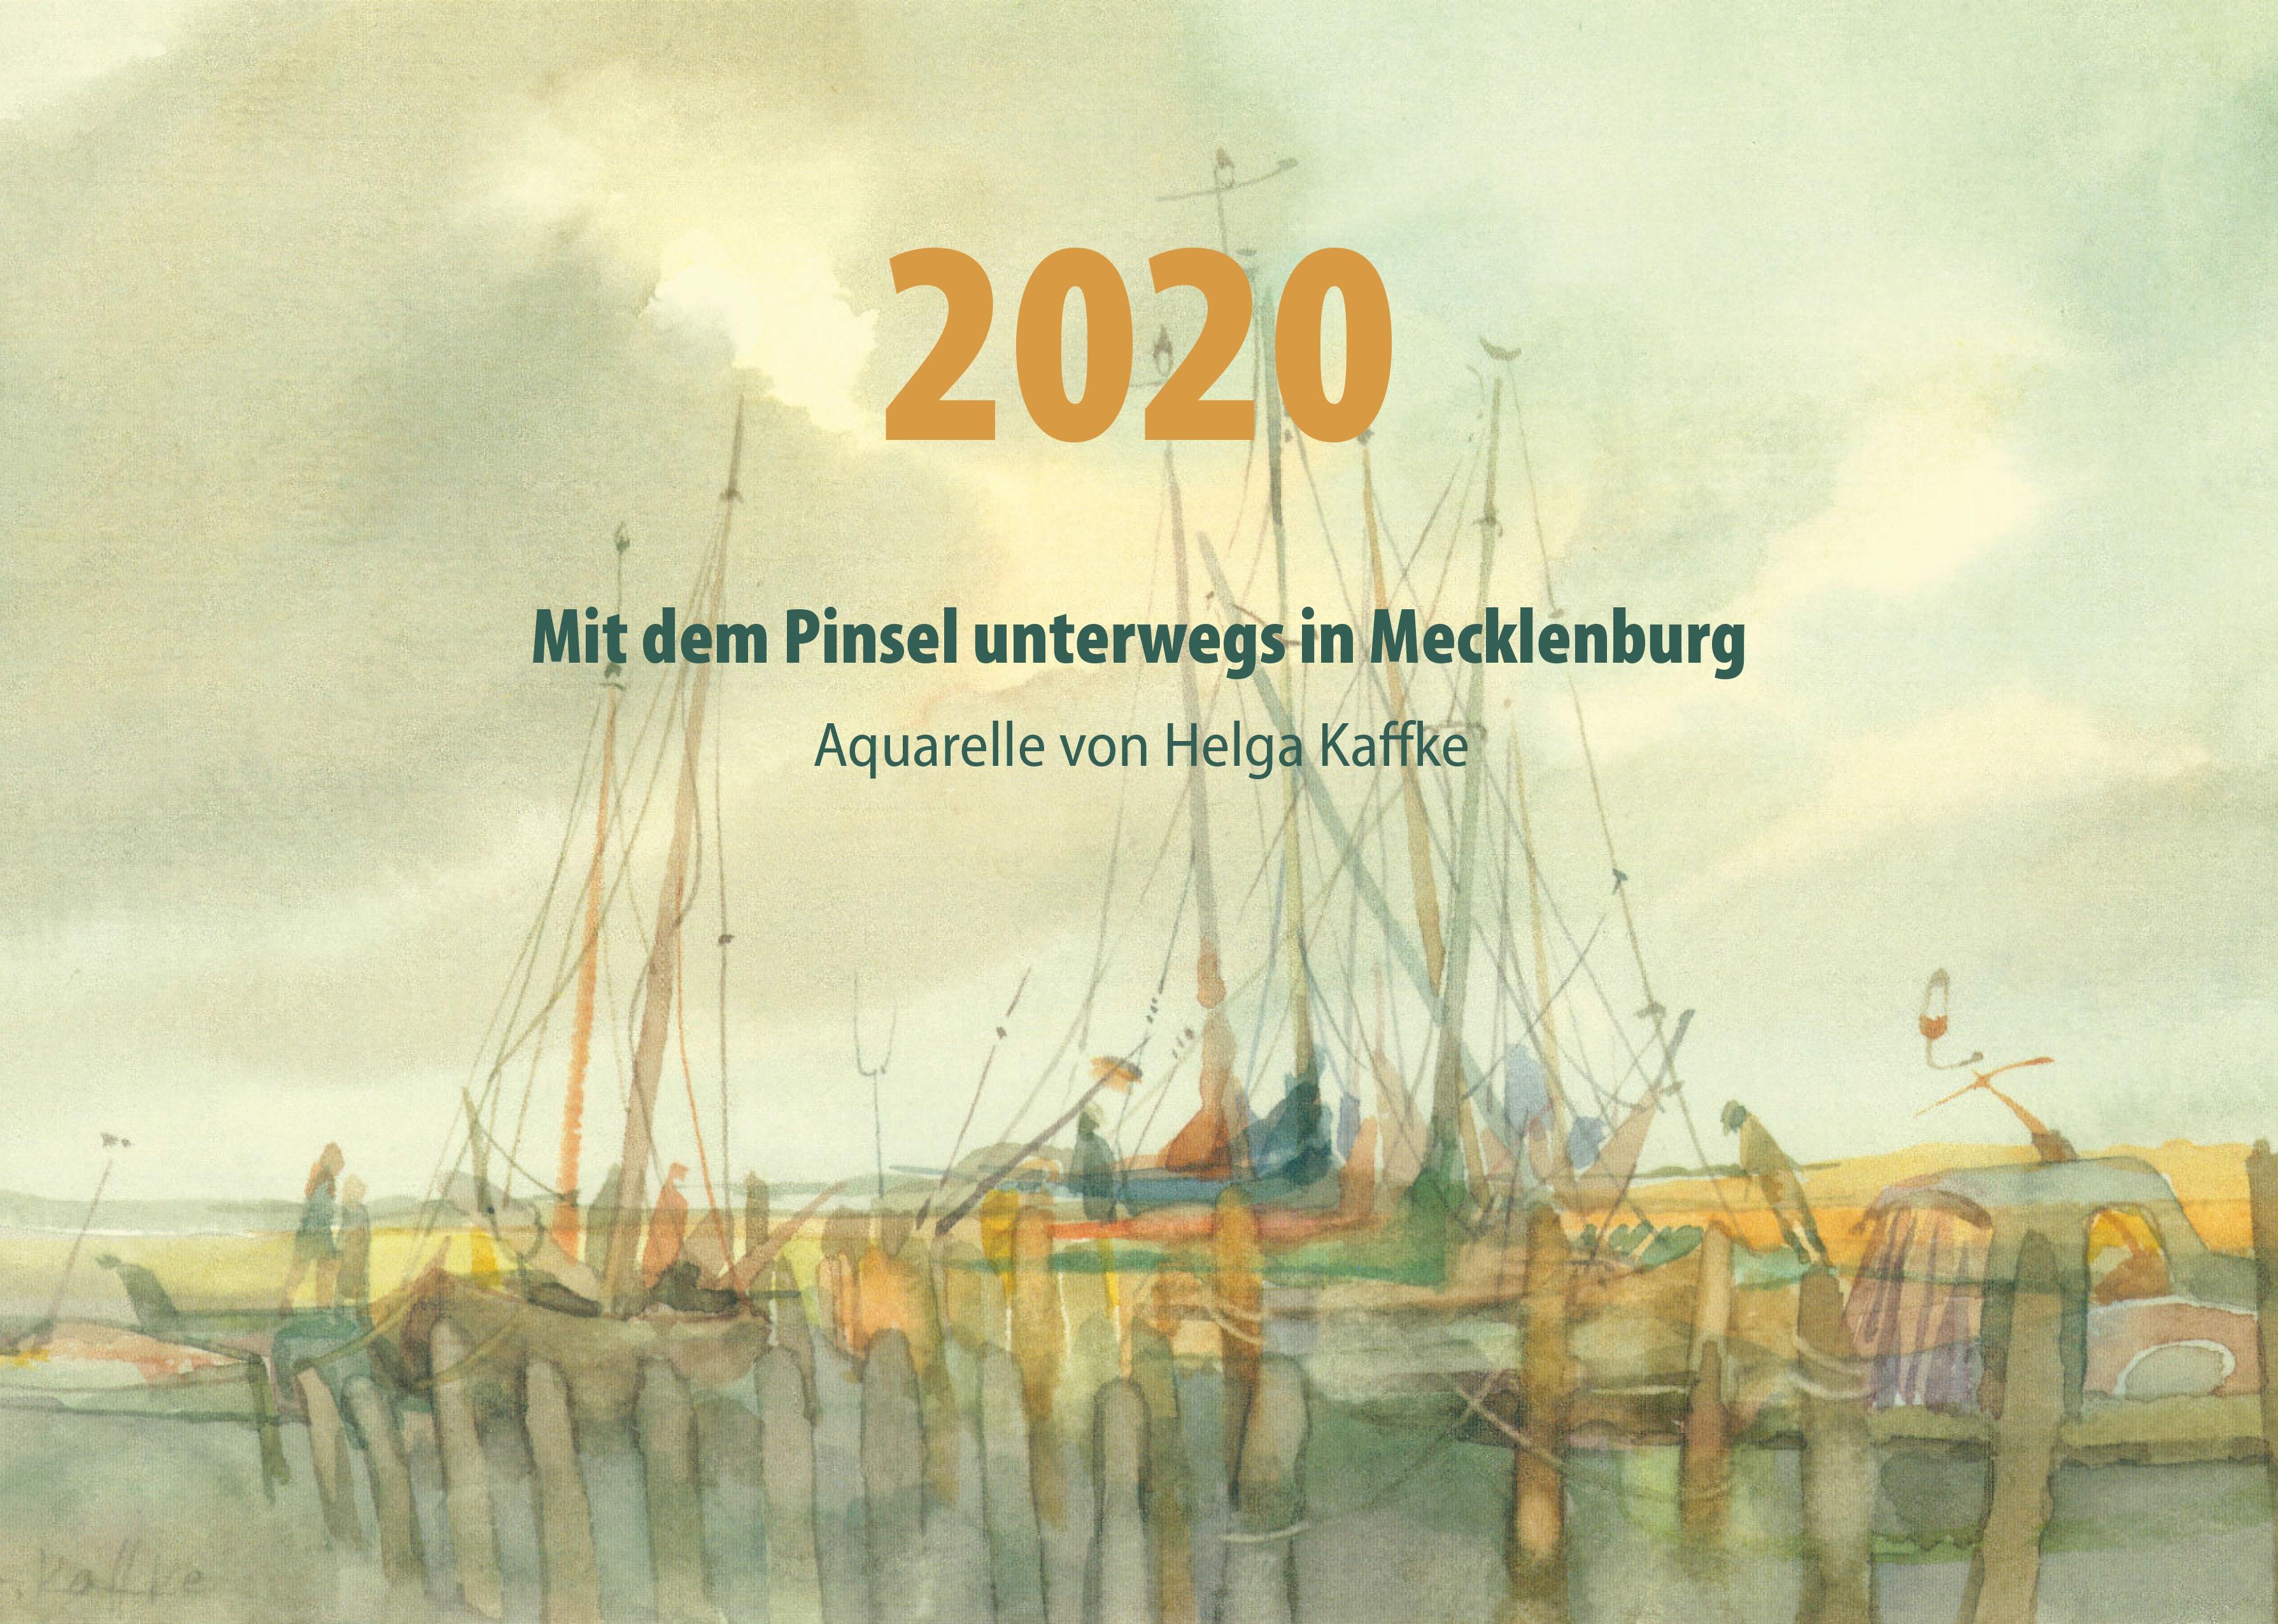 Mit dem Pinsel unterwegs in Mecklenburg. Kalender 2020 von Helga Kaffke